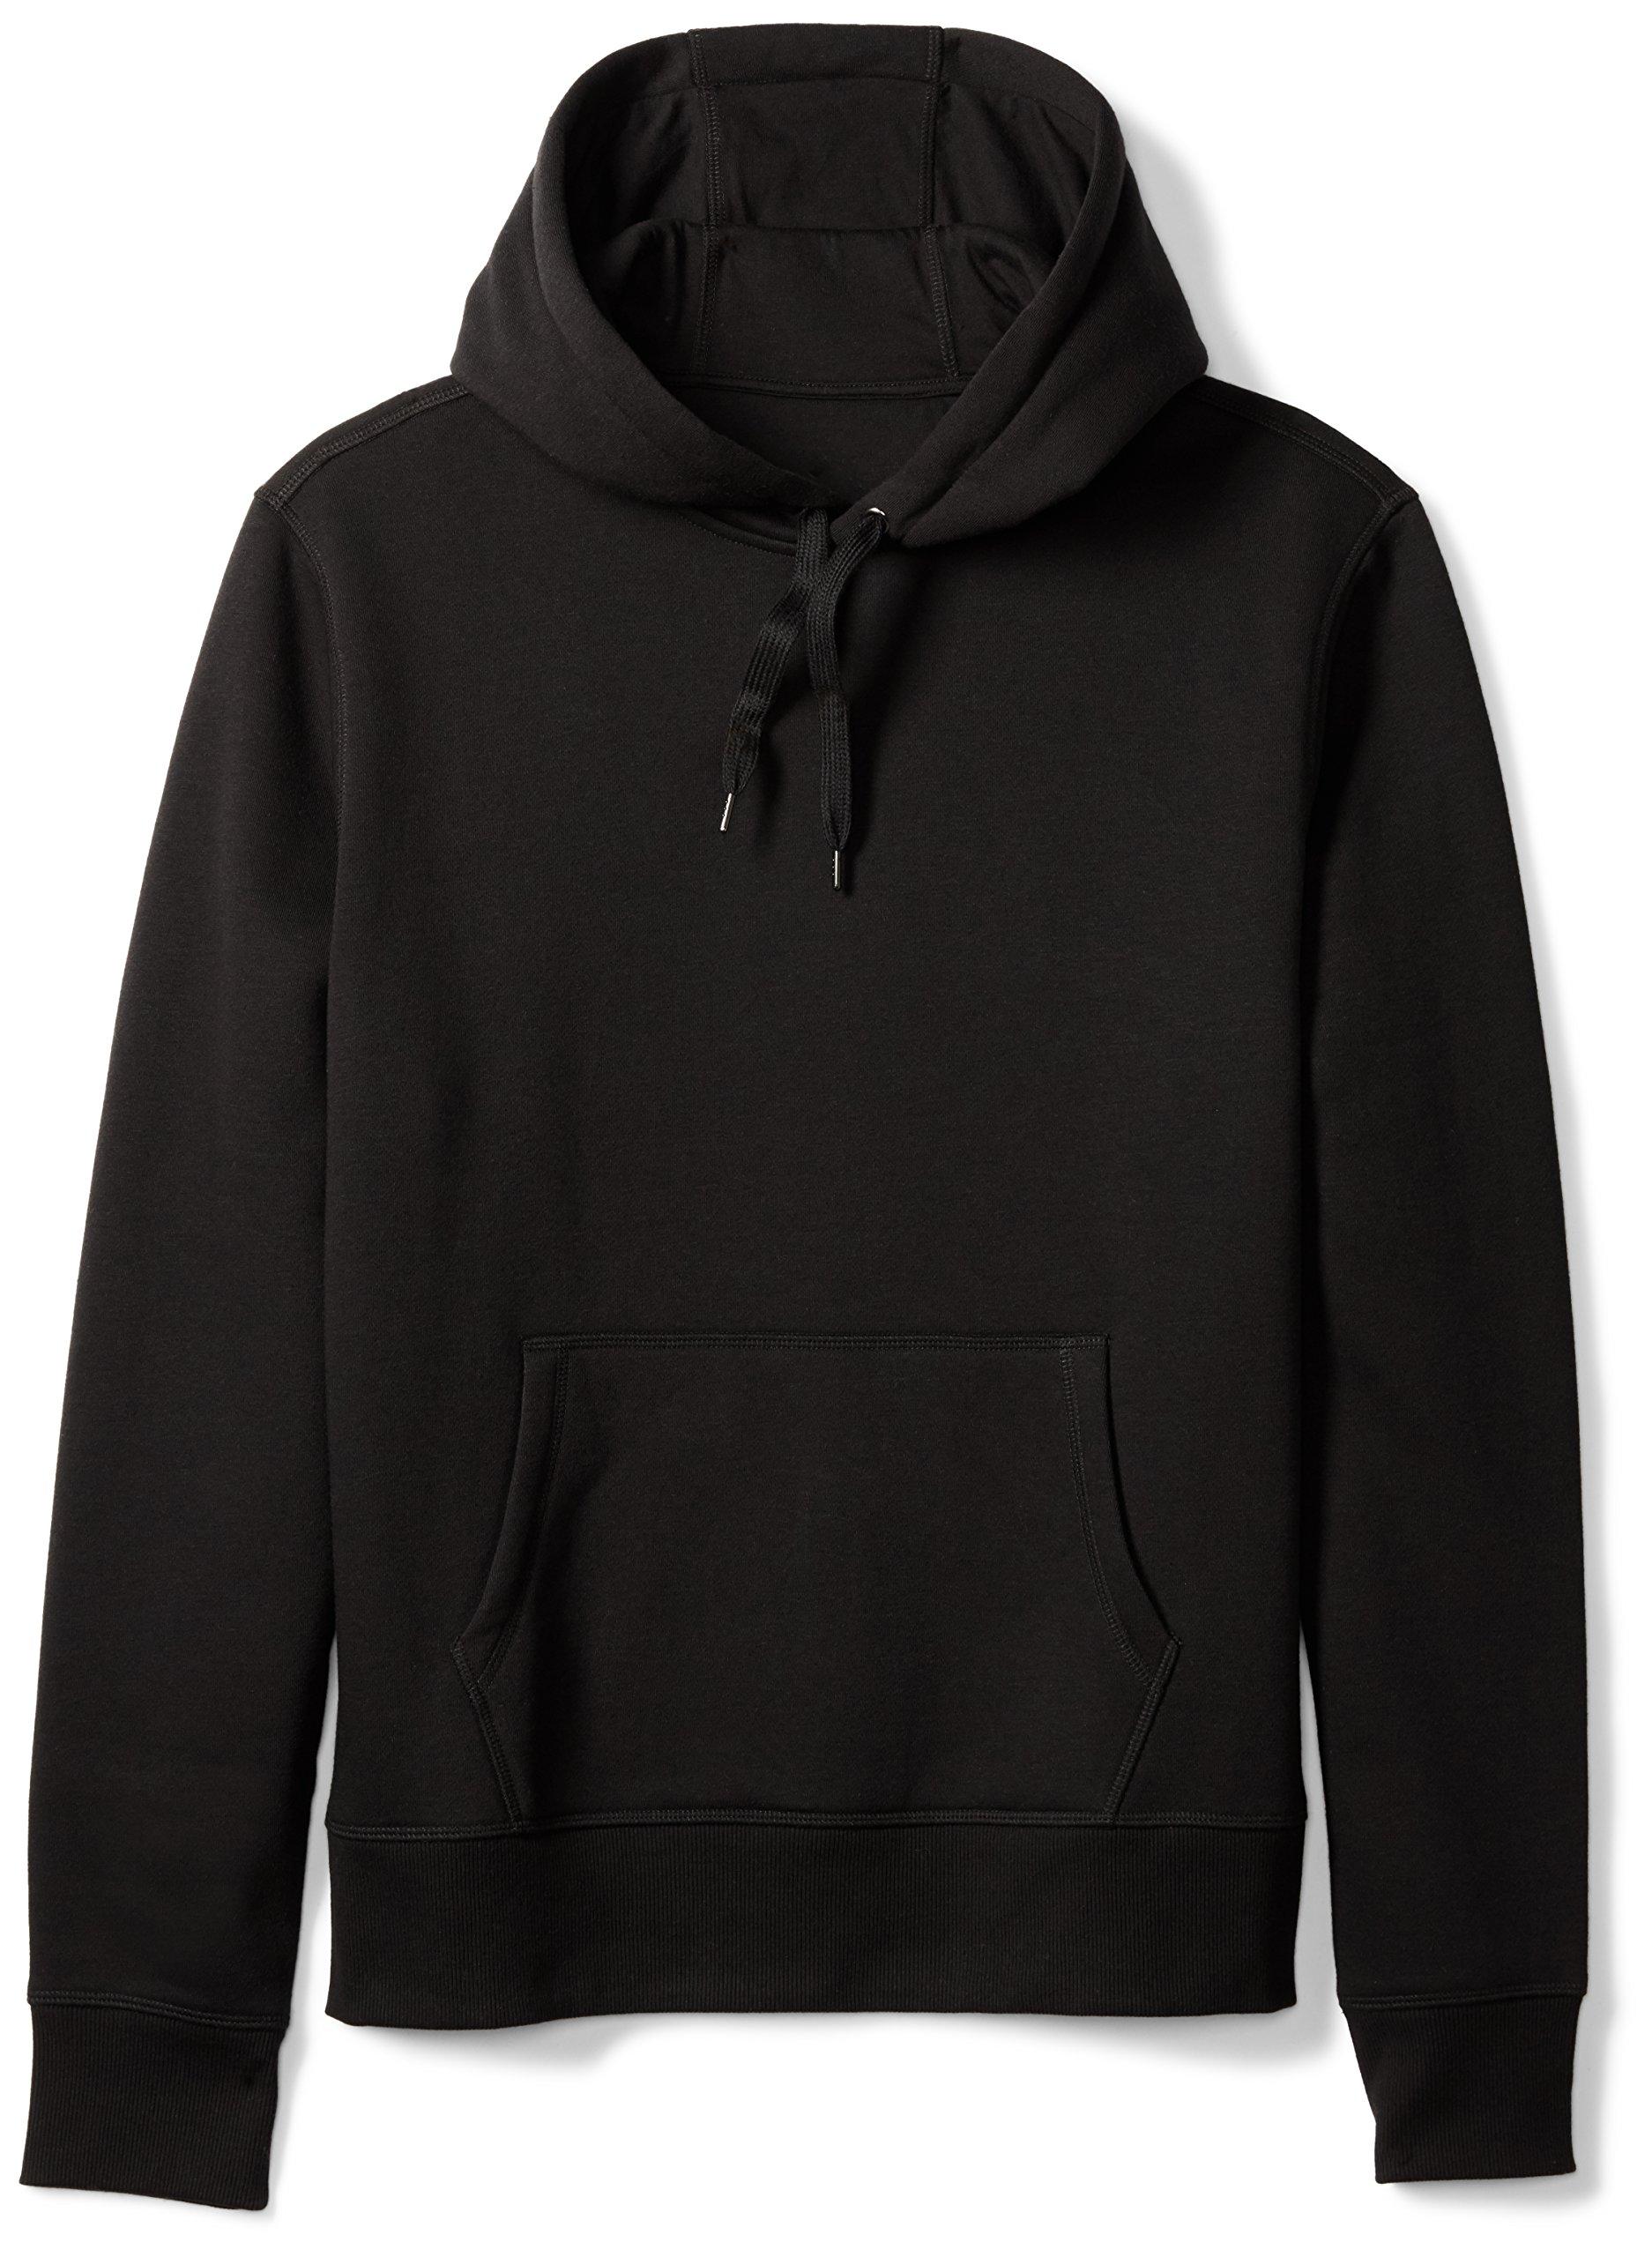 Amazon Essentials Men's Hooded Fleece Sweatshirt, Black, Large by Amazon Essentials